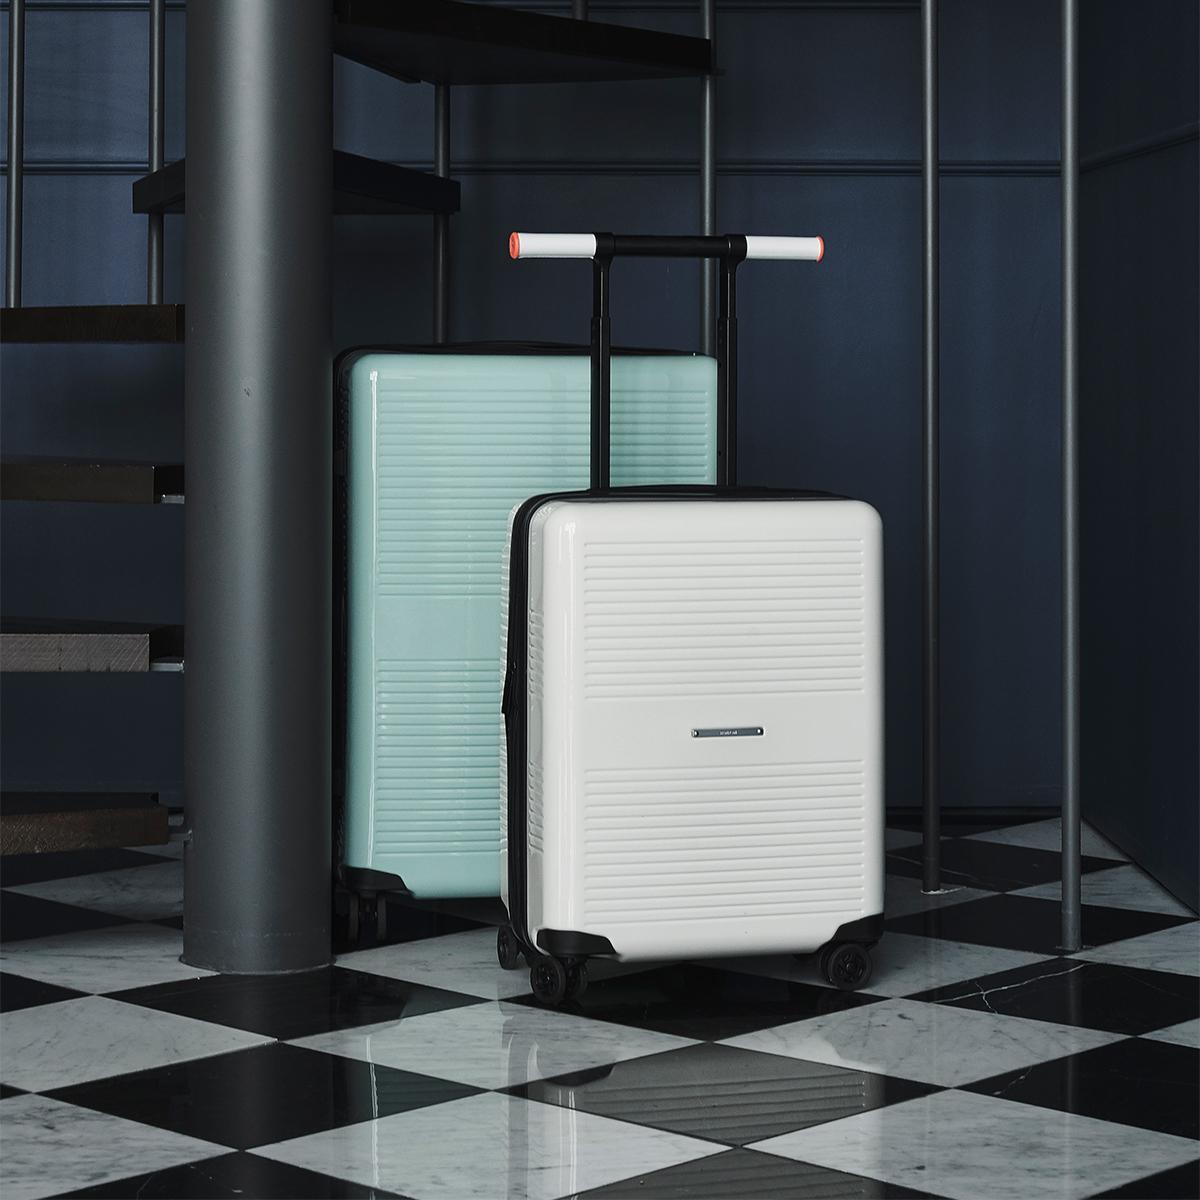 「本質を考え続ける」というデザイン哲学。手を添えるだけで滑らかに走行、気の利く設計であなたの旅路に寄り添う。機内持ち込み用(37L)&長期旅行用(72L)スーツケースセット|RAWROW